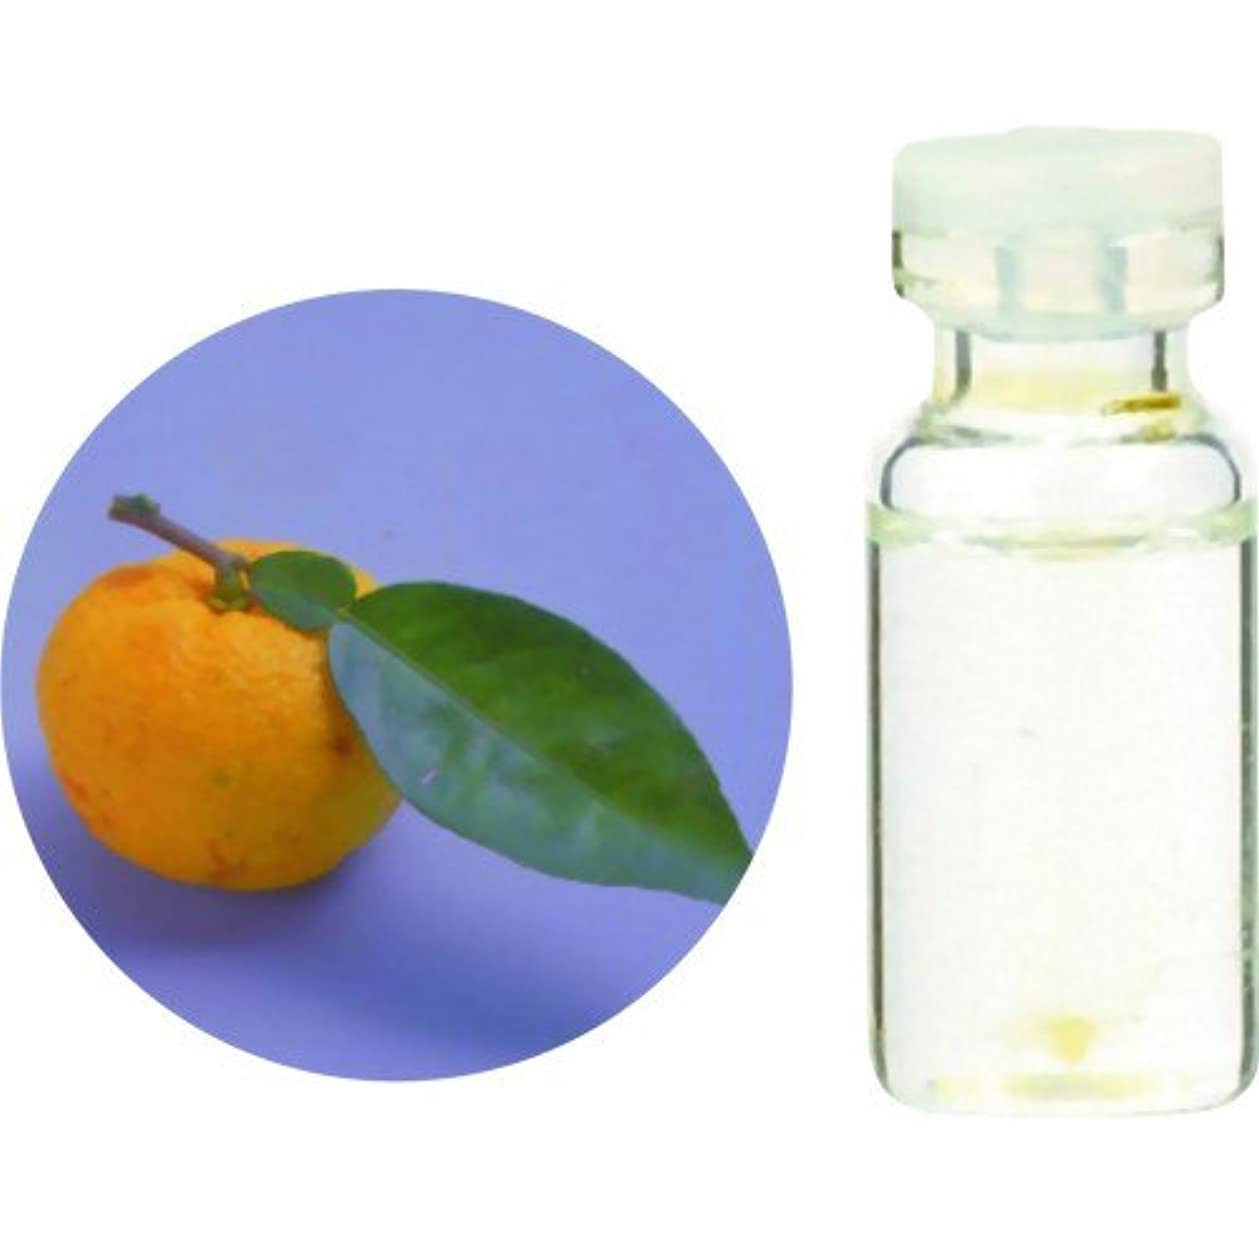 ピアース整然とした革命生活の木 Herbal Life 和精油 柚子(ゆず)(水蒸気蒸留法) 3ml